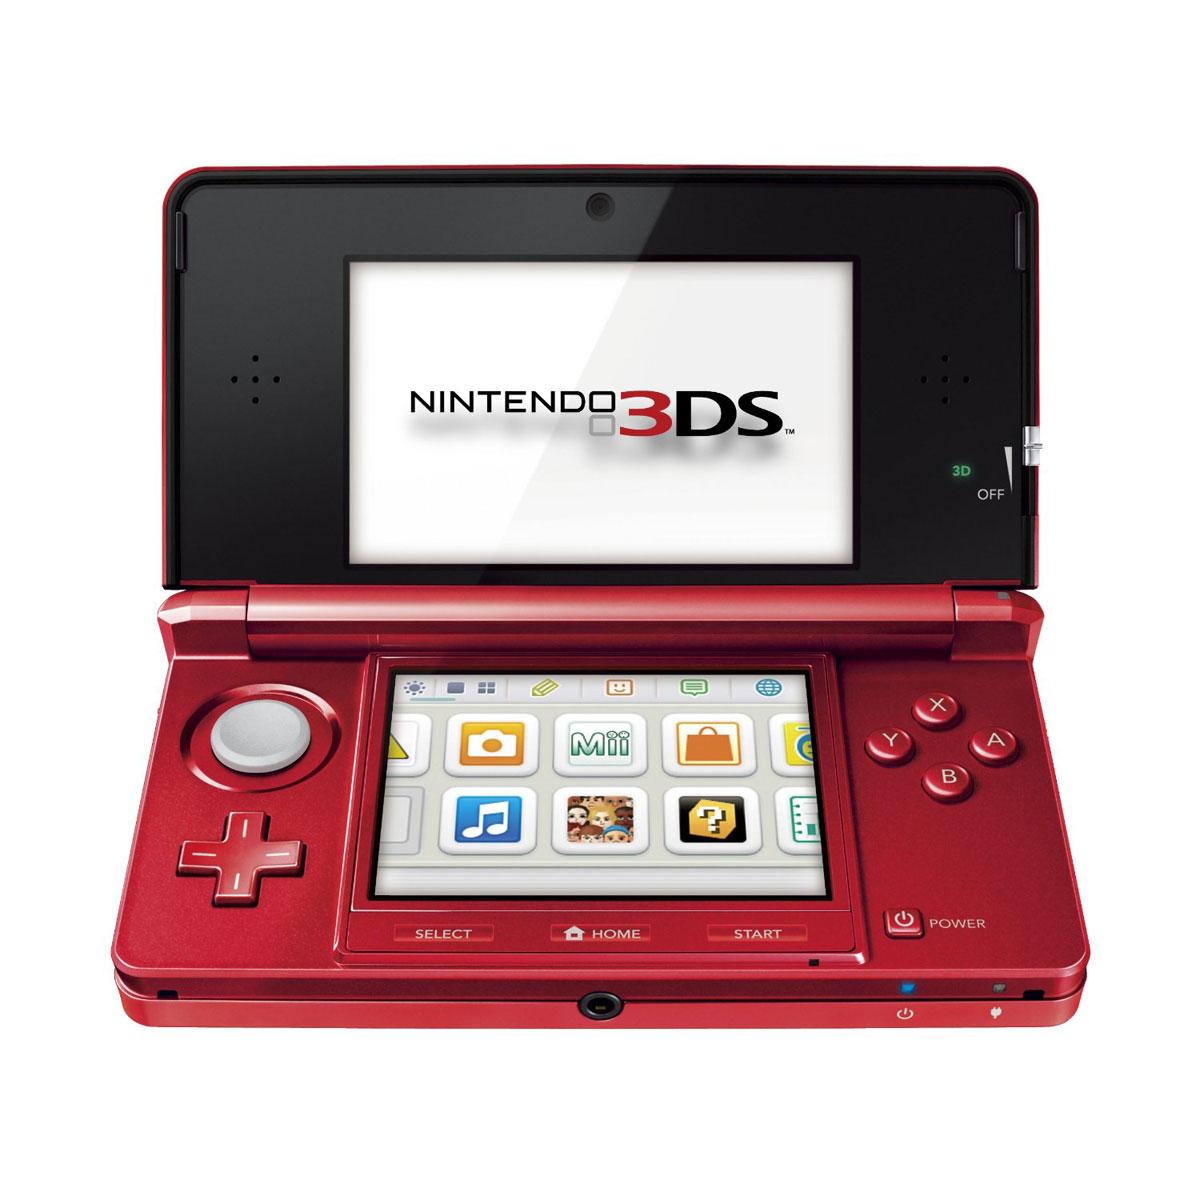 Console de jeux Nintendo 3DS Rouge Métal Nintendo 3DS Rouge Métal